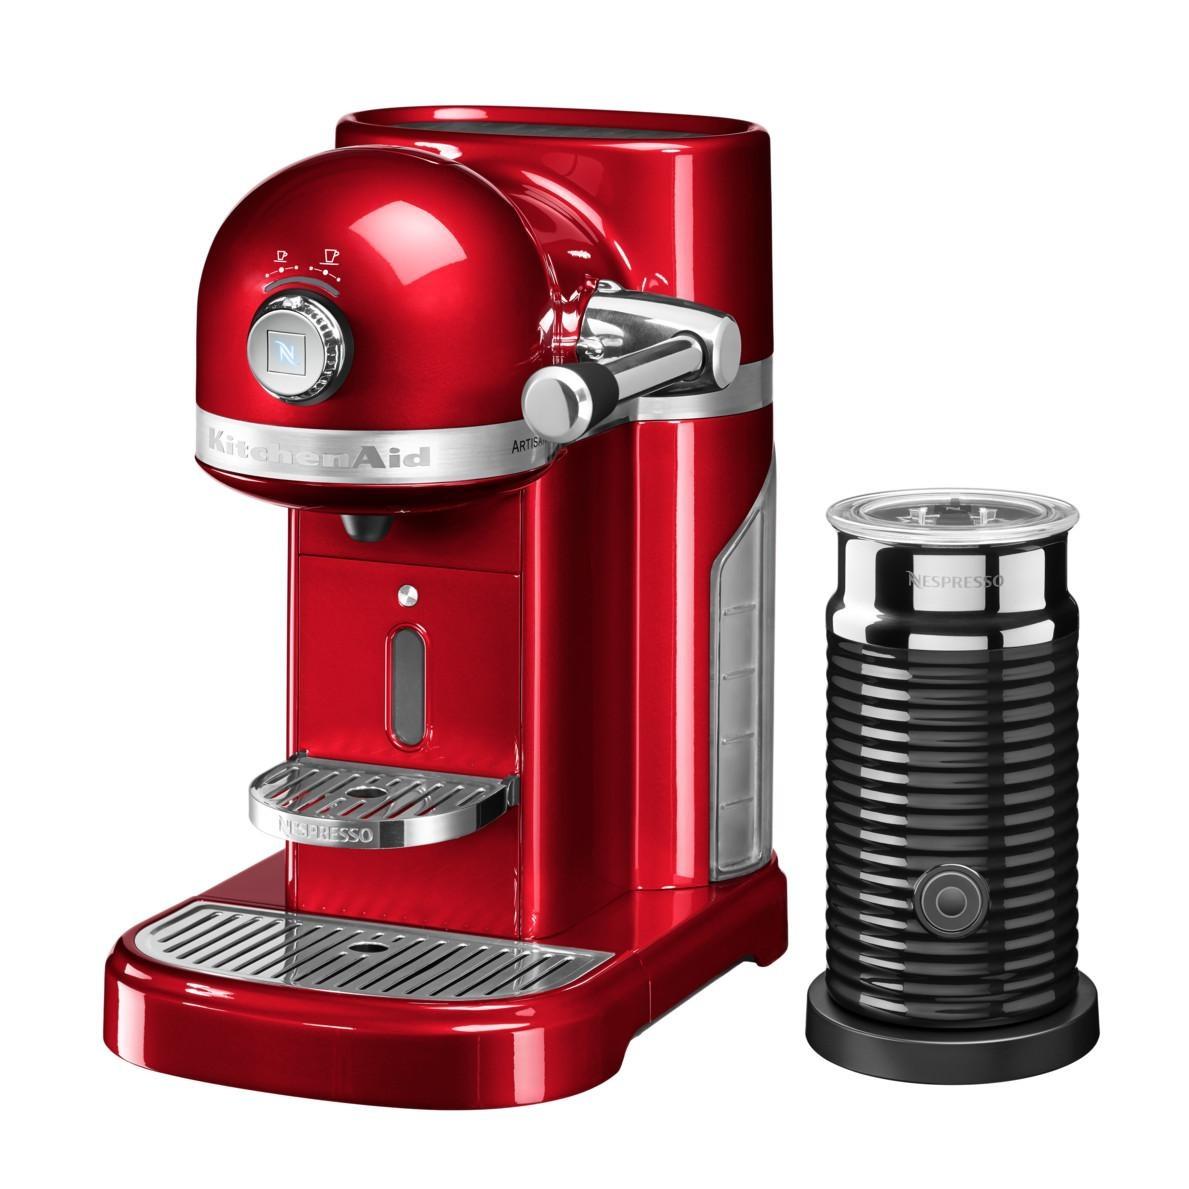 KitchenAid - Artisan 5KES0504 Nespressomaschine + Aeroccino - liebesapfelrot/glänzend/1160W/ 19 bar/mit Aeroccino Milchaufschäumer | Küche und Esszimmer > Kaffee und Tee > Espressomaschinen | KitchenAid